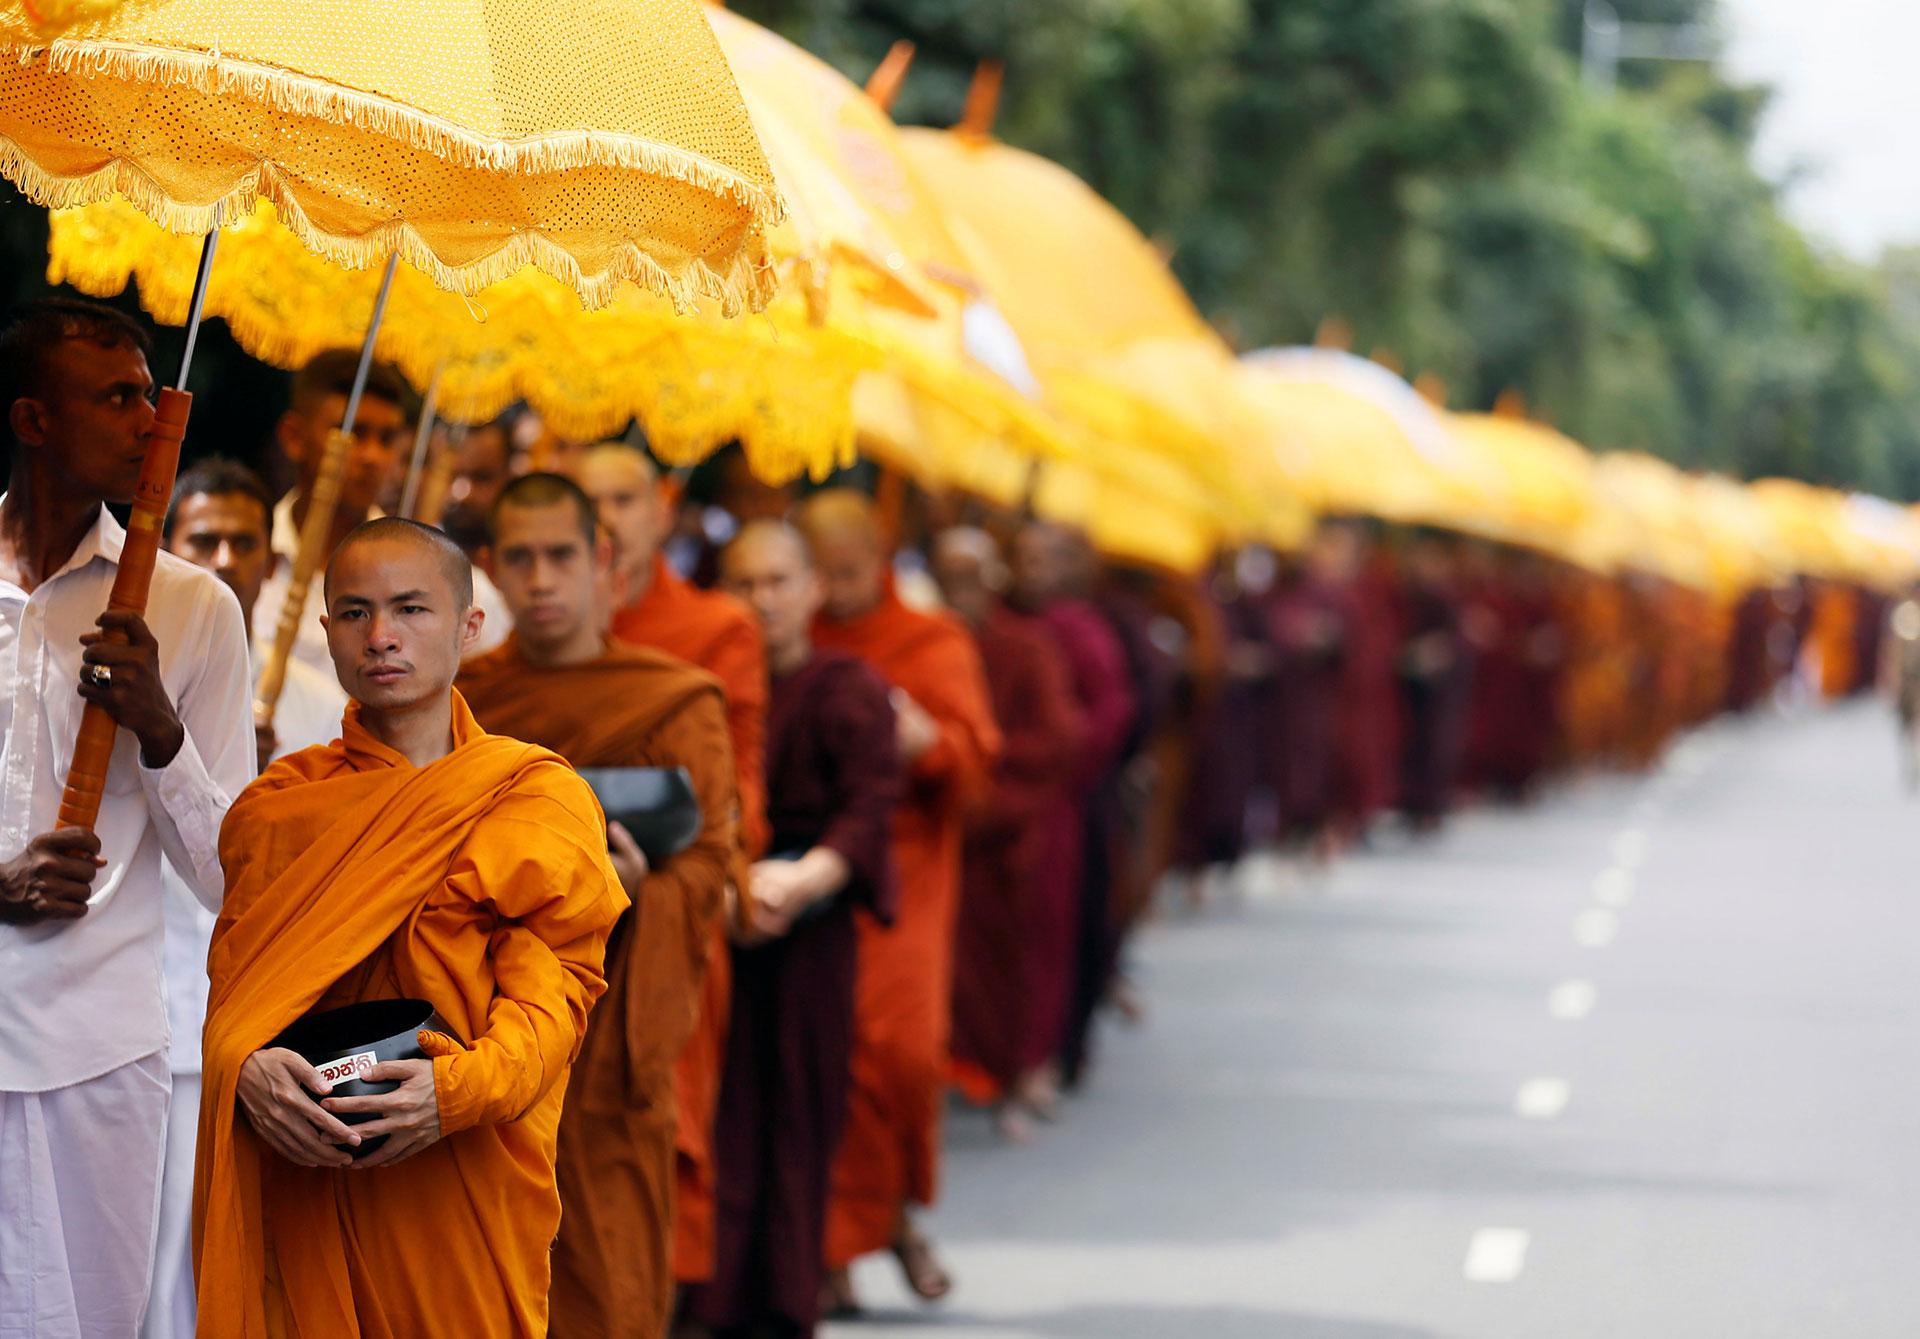 Monjes budistas piden limosna durante el festival Vesak en Colombo, Sri Lanka el 11 de mayo de 2017.(Reuters)